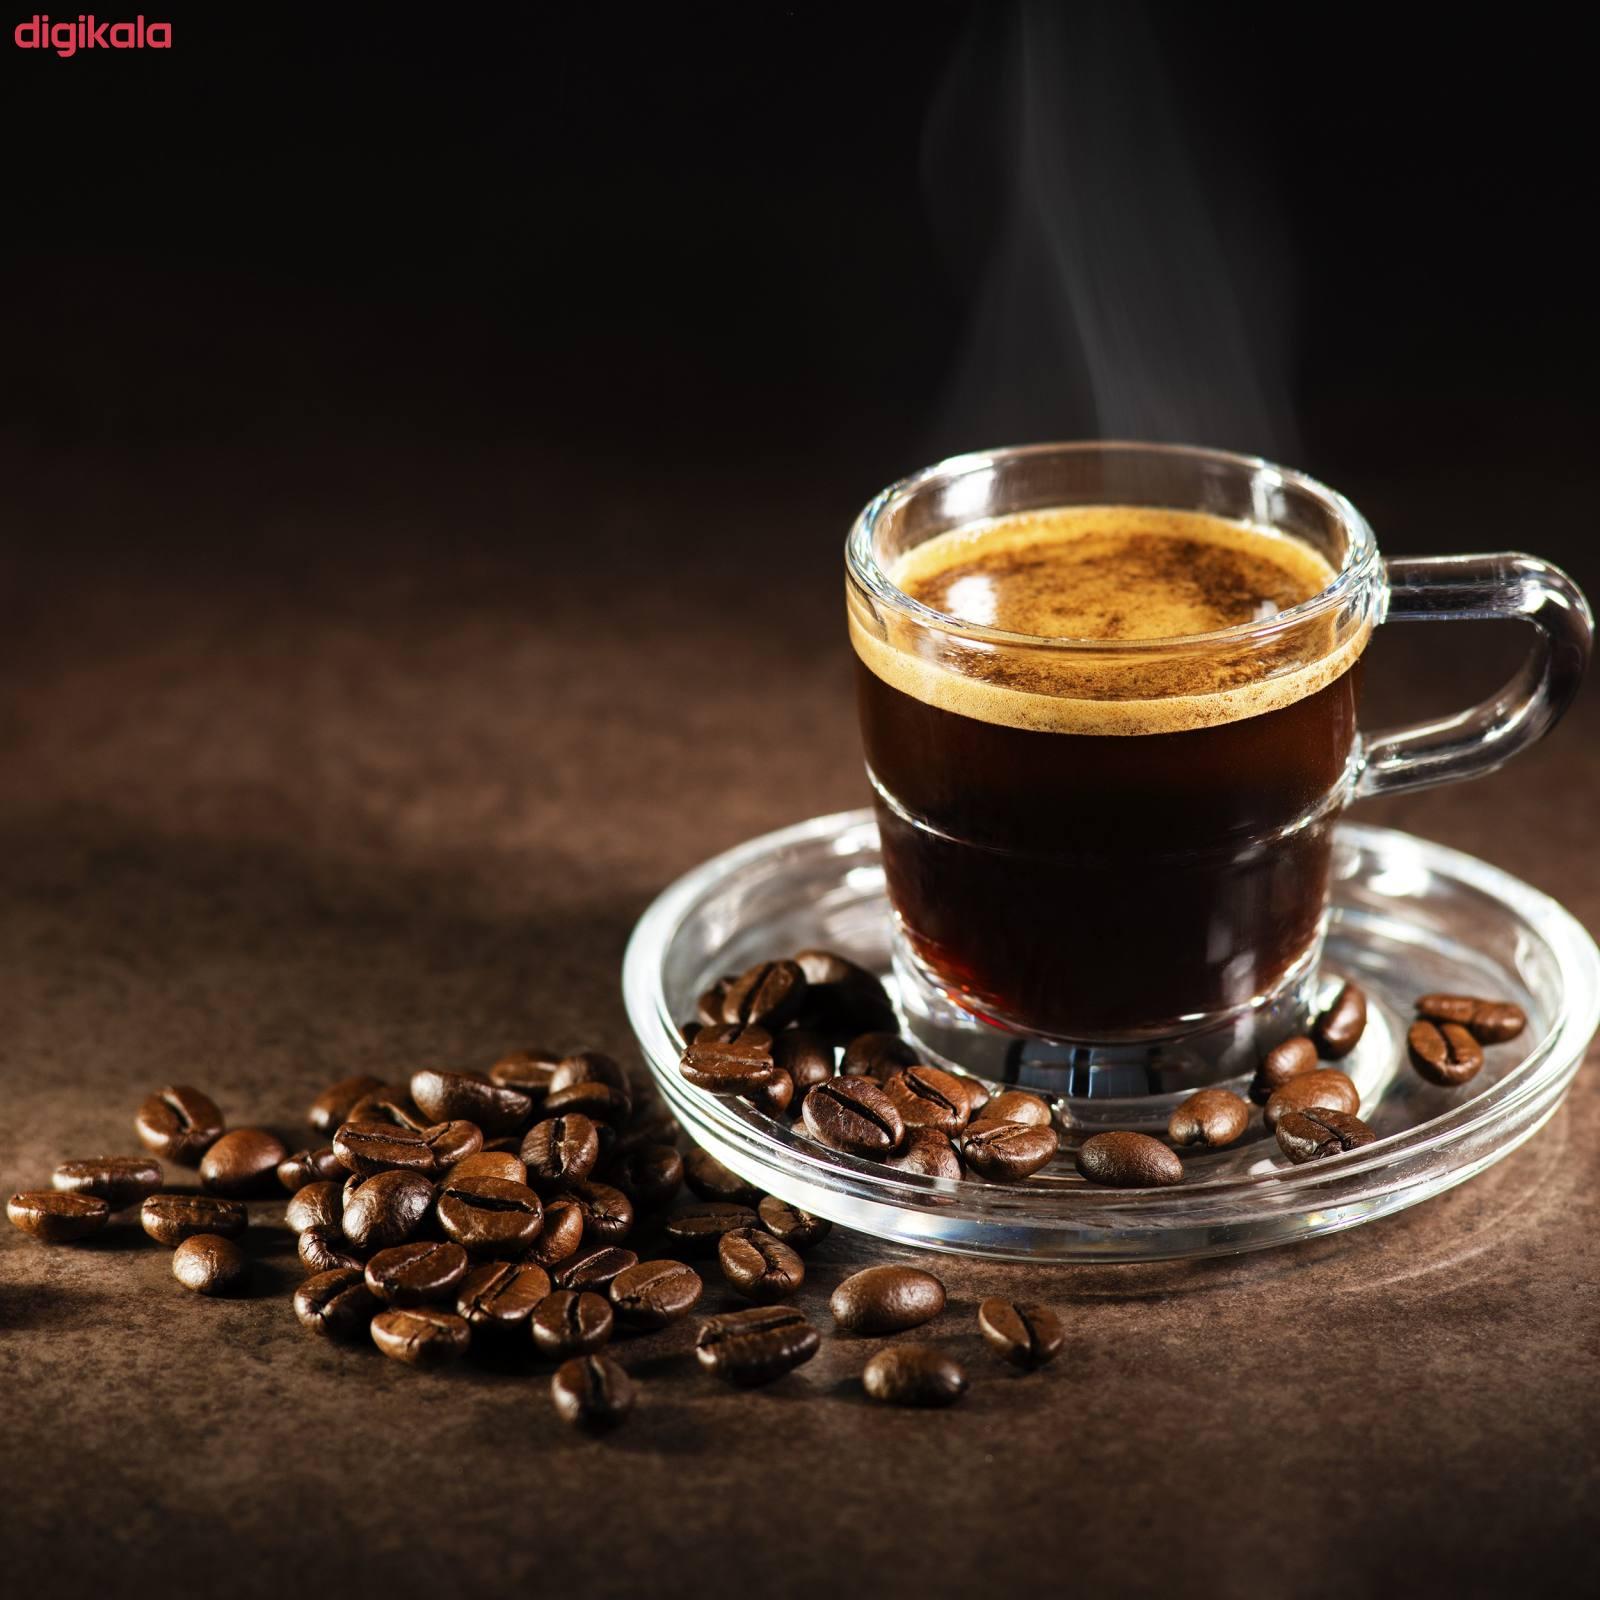 قهوه فوری نسکافه گلد 200 گرم بسته 2 عددی main 1 1